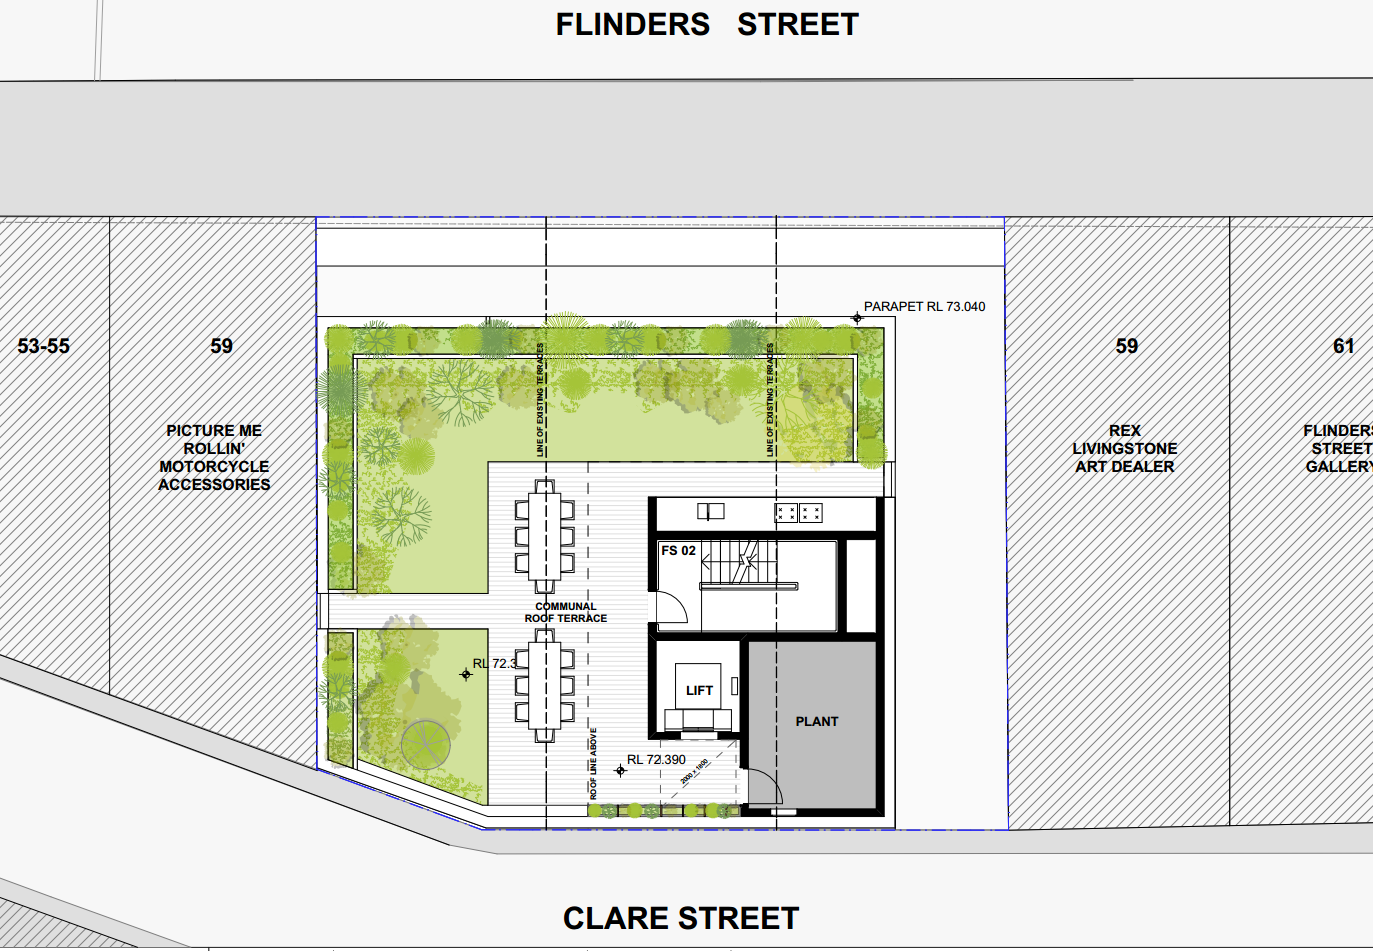 Roof terrace floor plan. Source: City of Sydney